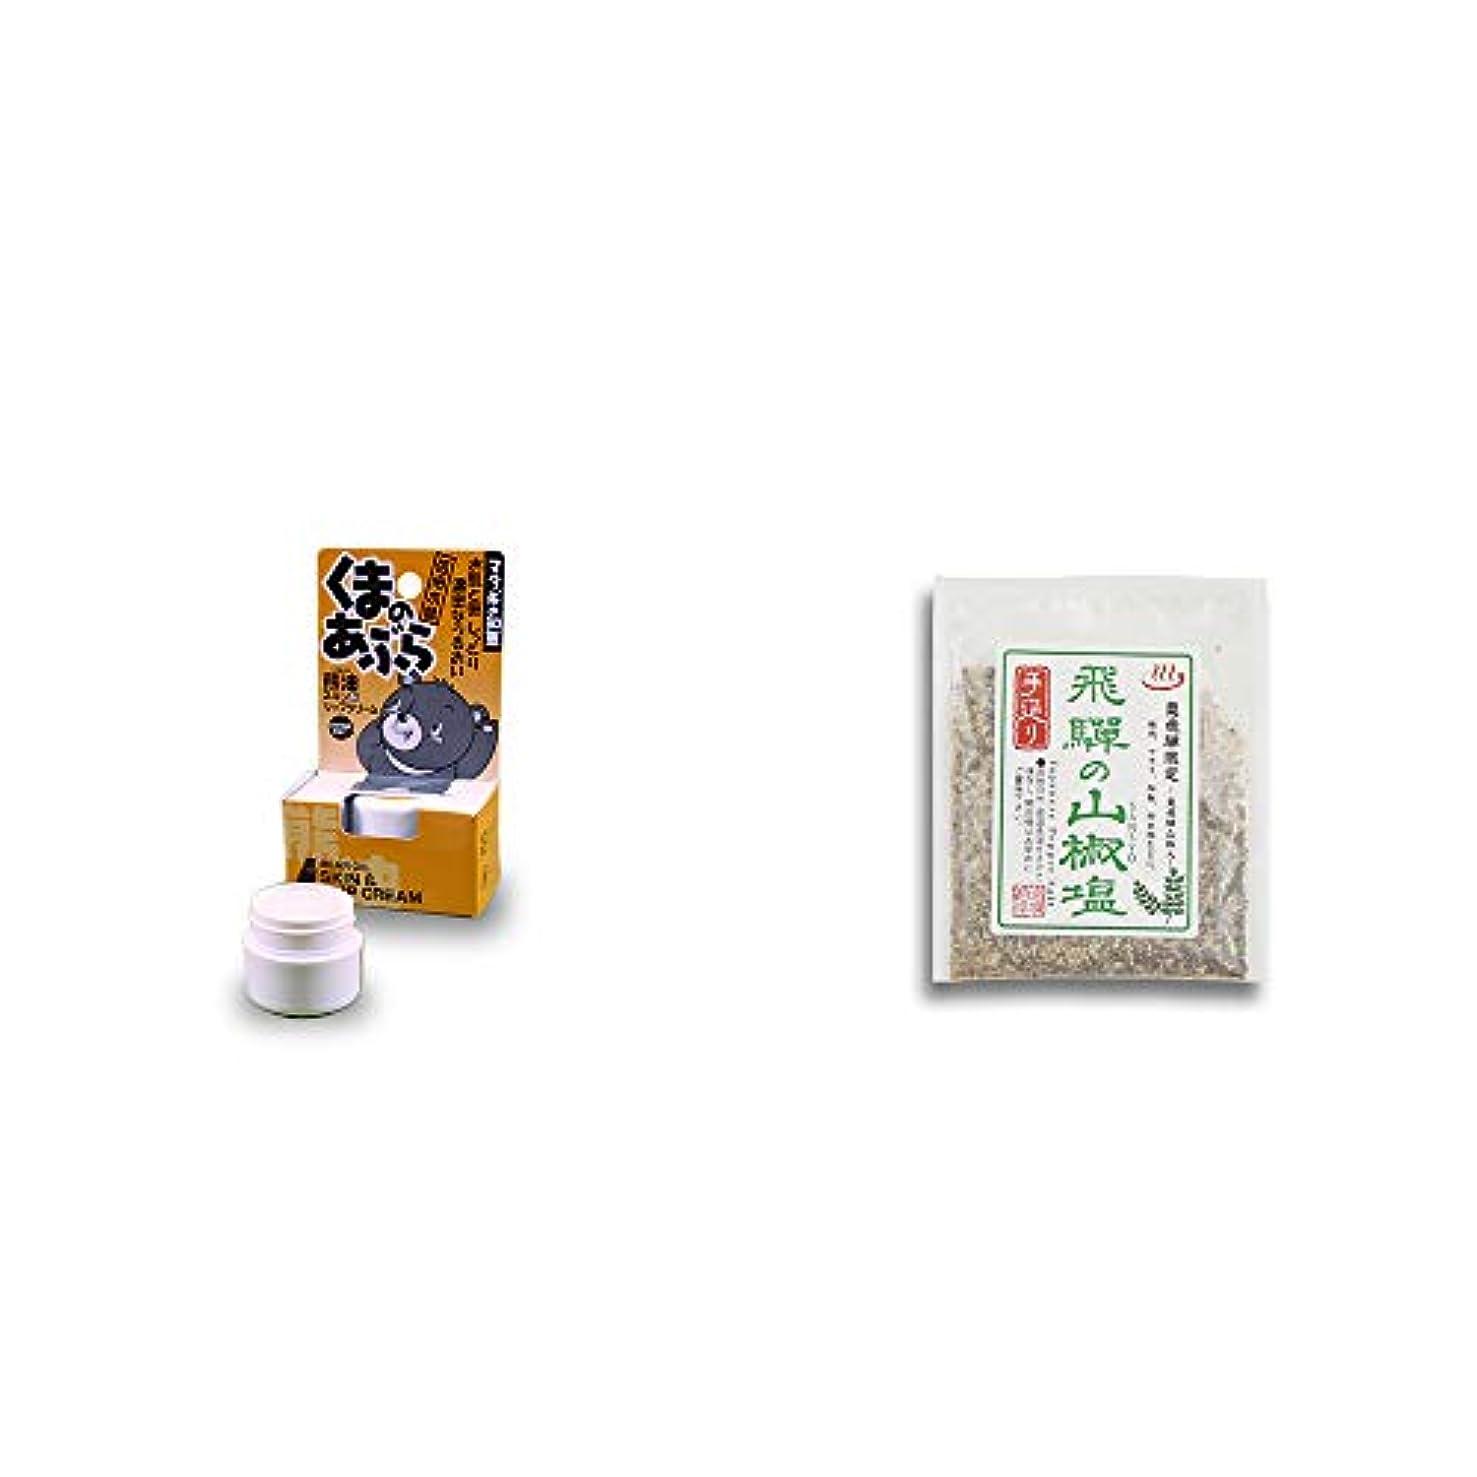 異議もっと少なく成功する[2点セット] 信州木曽 くまのあぶら 熊油スキン&リップクリーム(9g)?手造り 飛騨の山椒塩(40g)